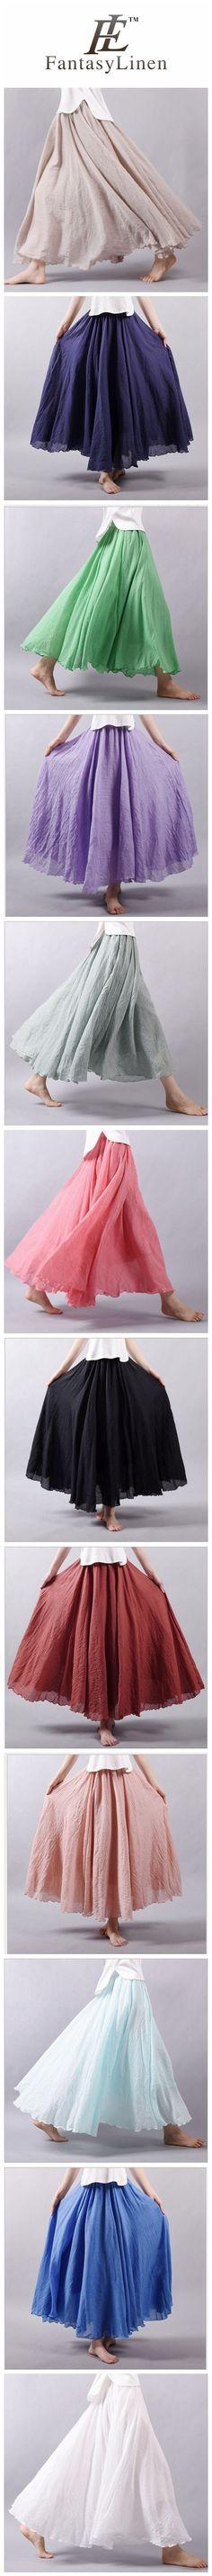 MULTICOLOR SUN SKIRT ELASTIC WAIST COTTON LINEN SKIRT BIG HEM LONG SKIRT WOMEN CLOTHES S1725